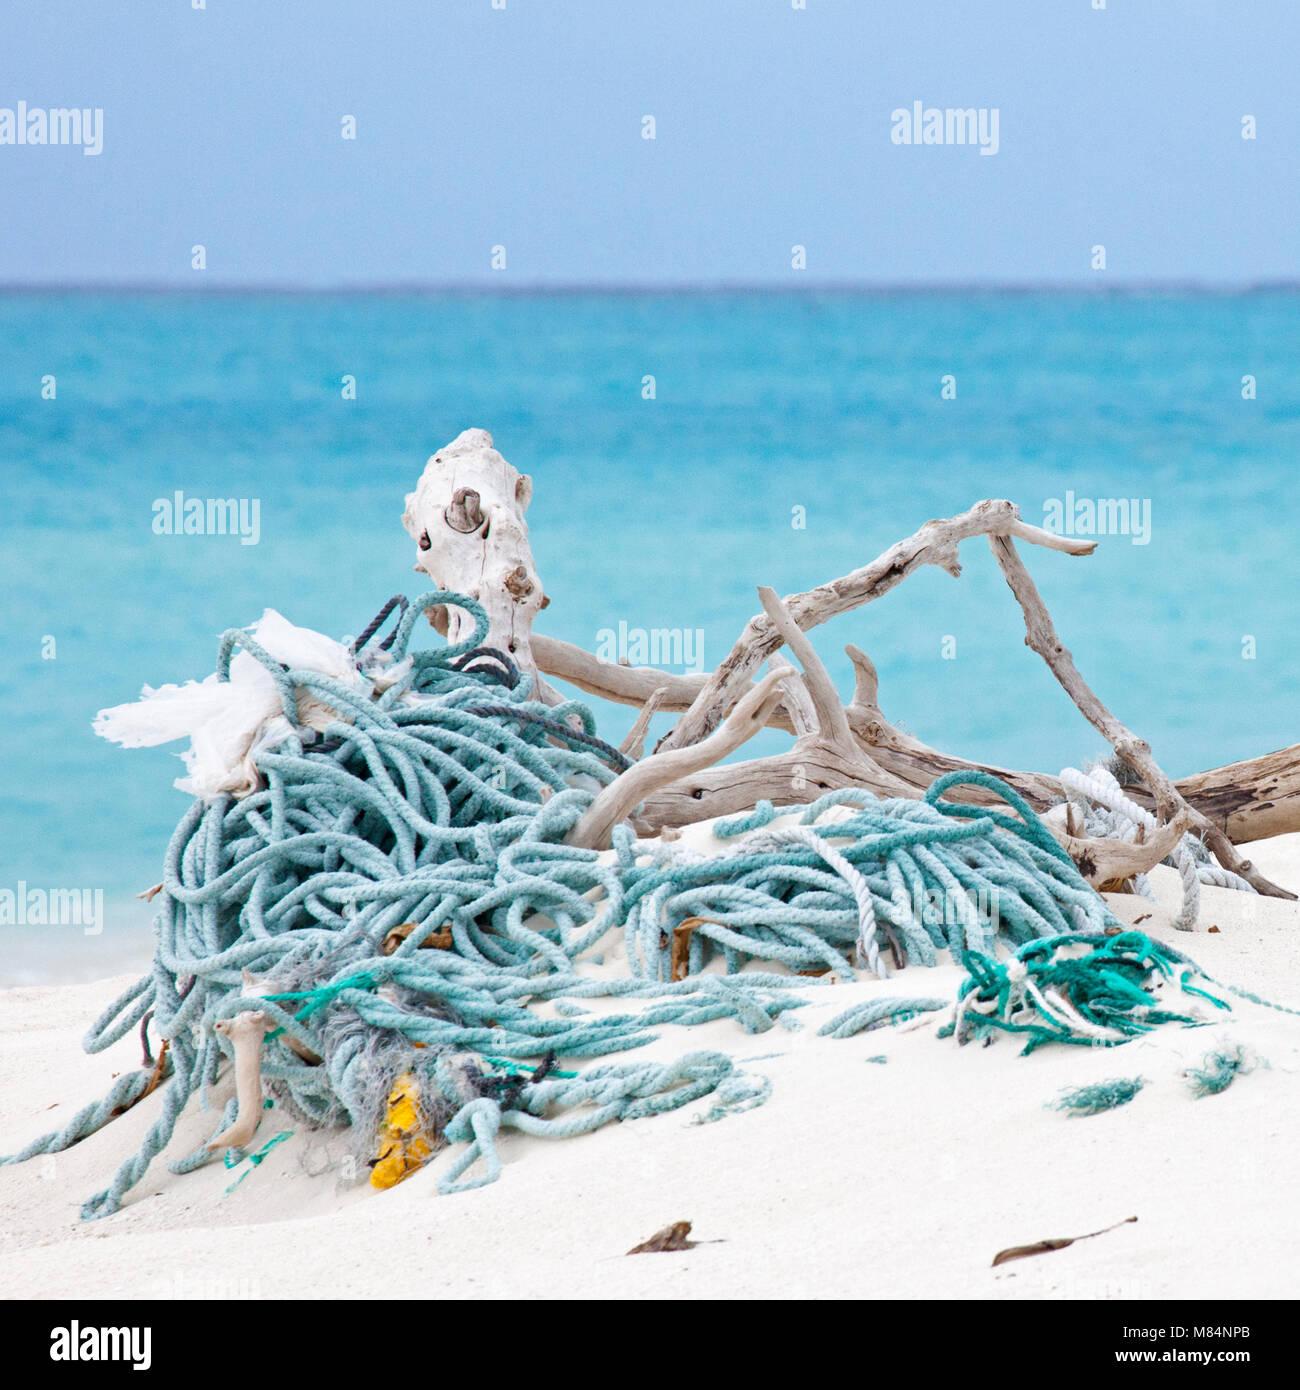 Cuerdas y redes arrastrado en una isla del Pacífico Norte Foto de stock